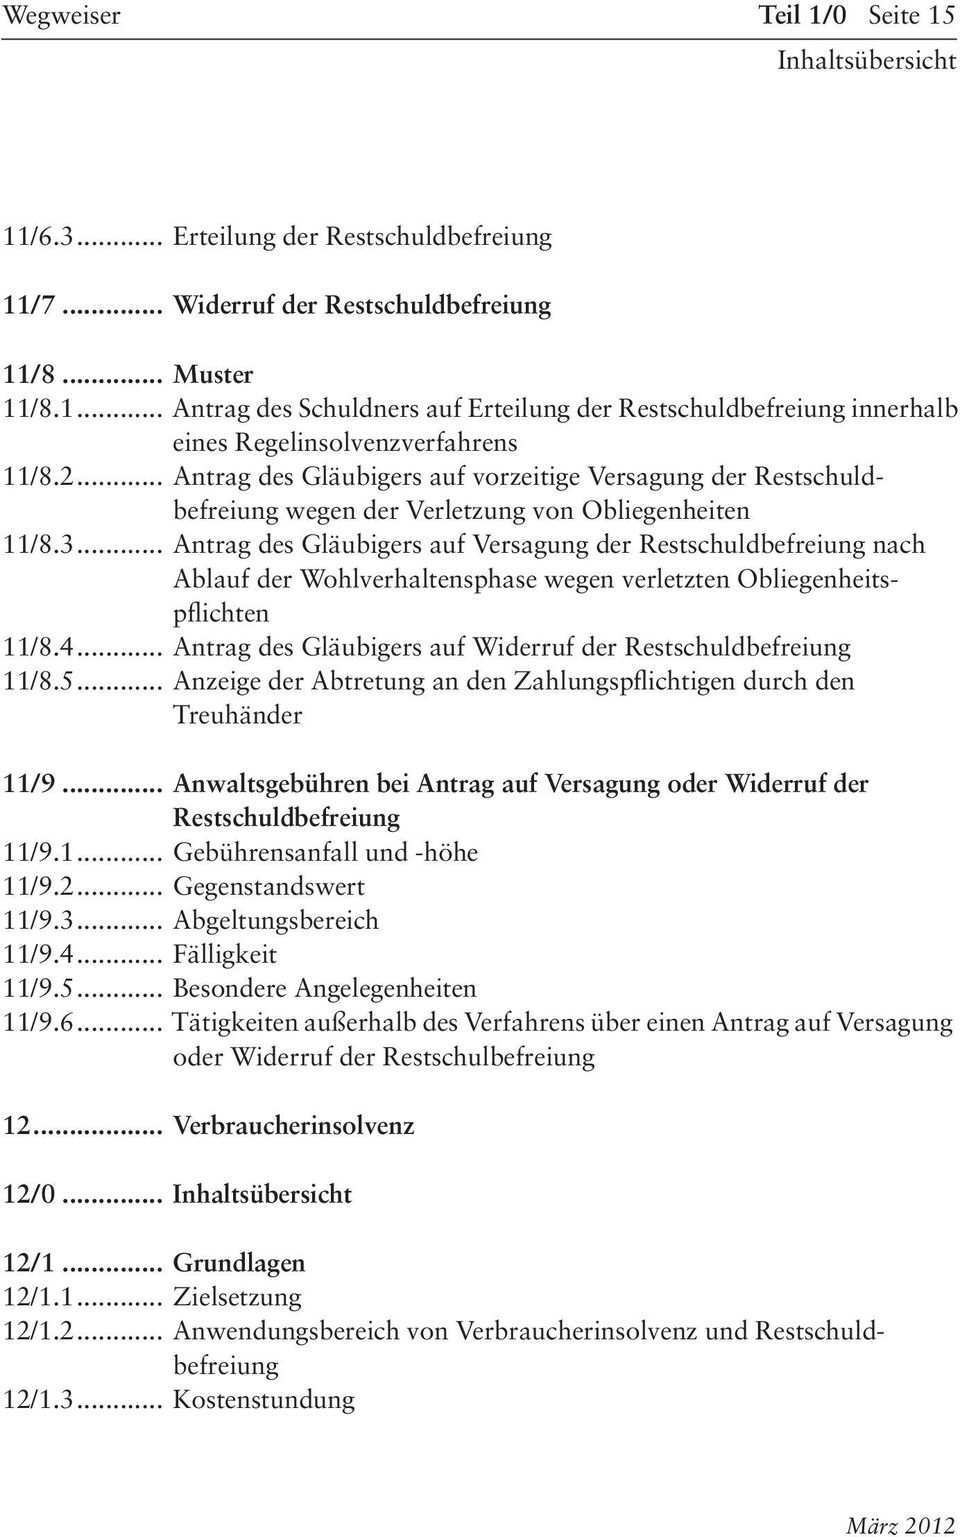 Praxishandbuch Insolvenzrecht Pdf Free Download